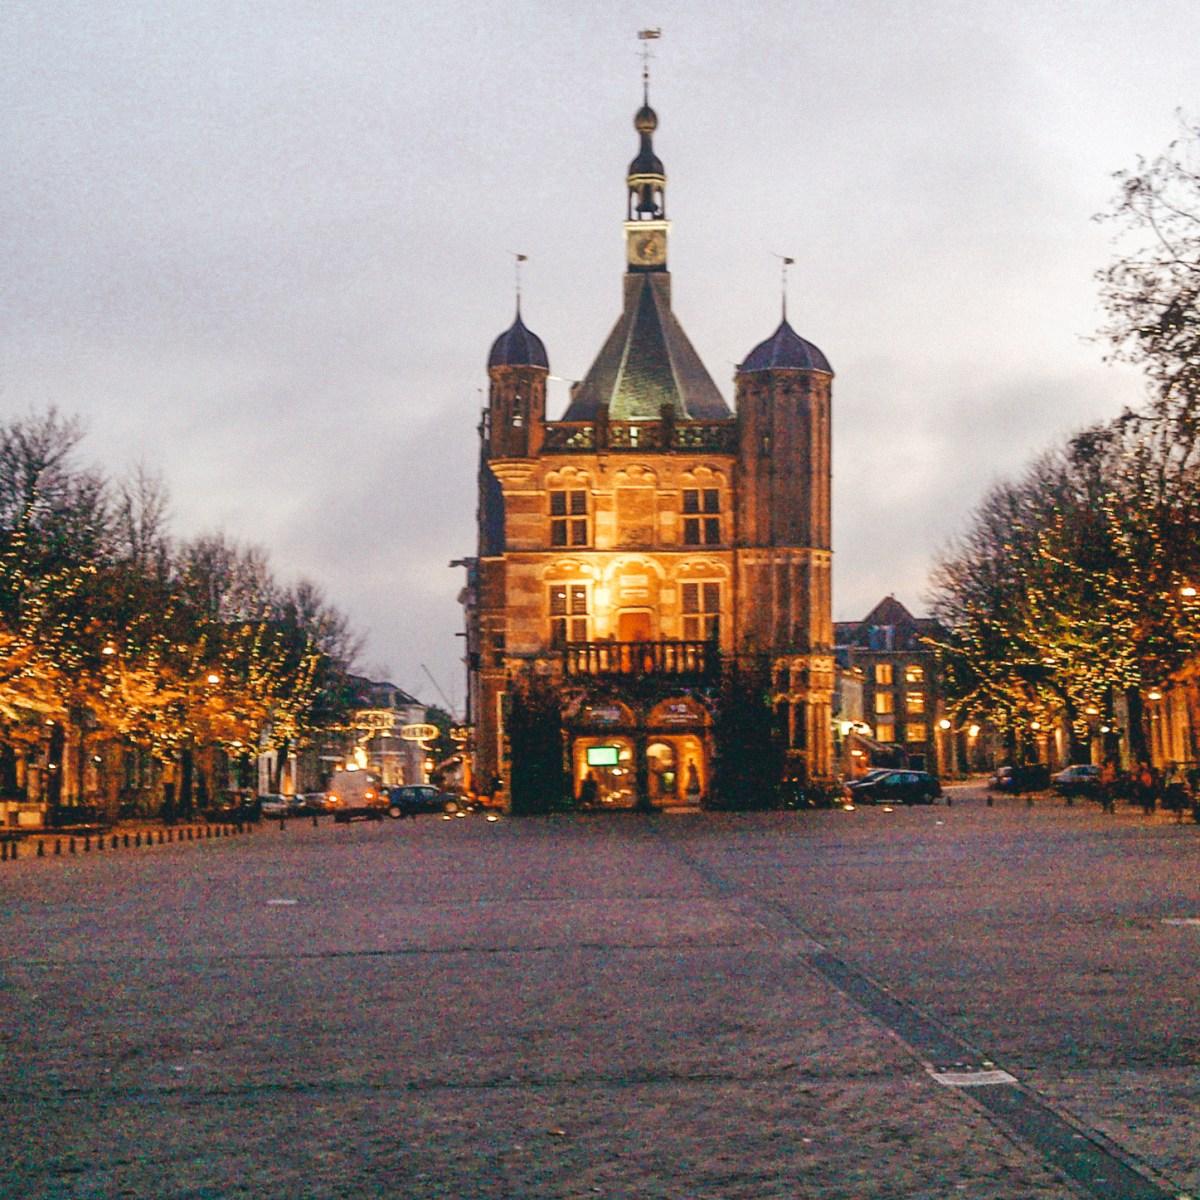 Deventer festivals, city square